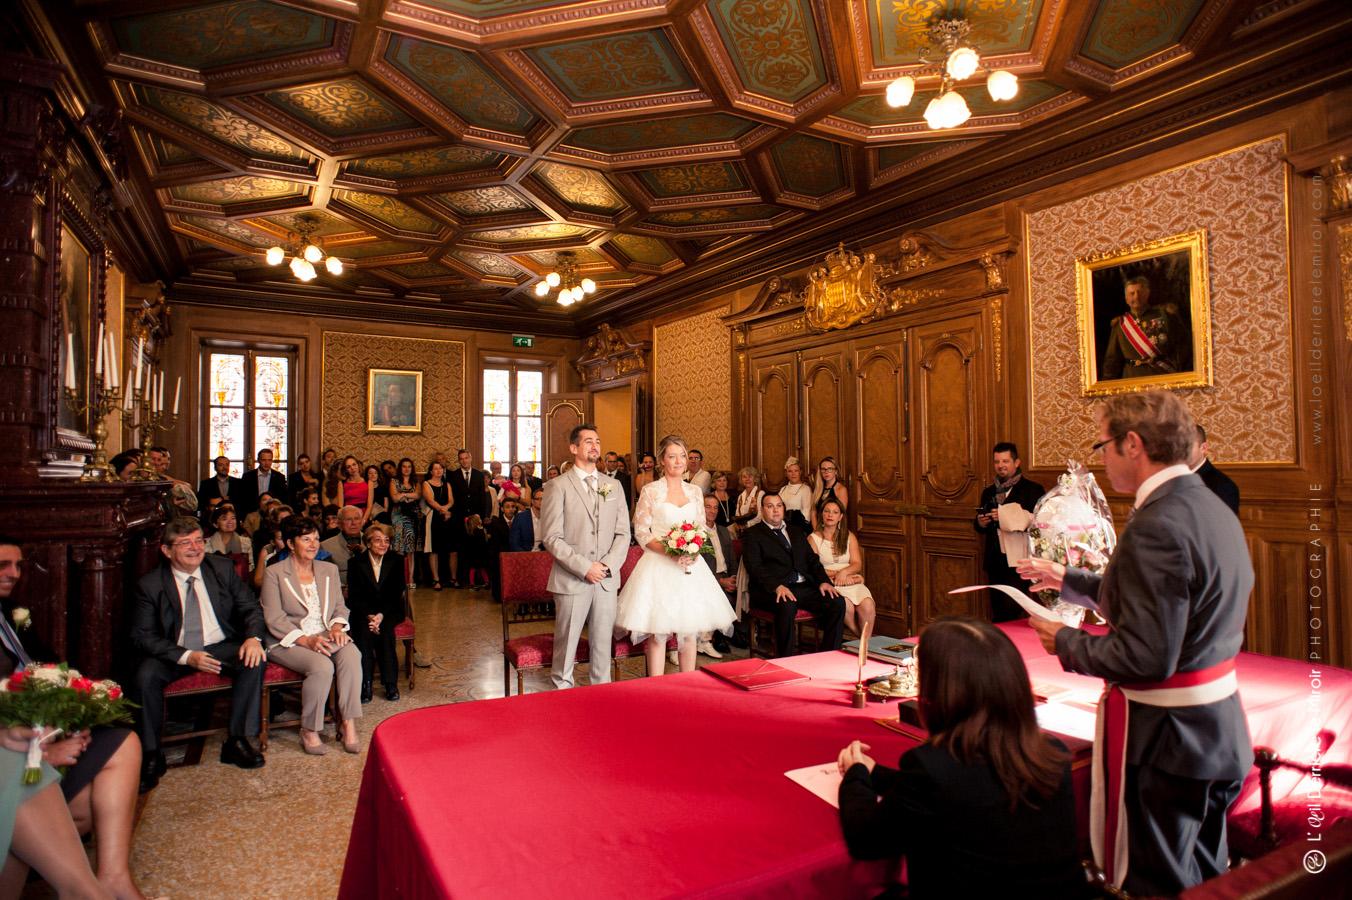 Photographe-mariage-monaco-loeilderrierelemiroir-005